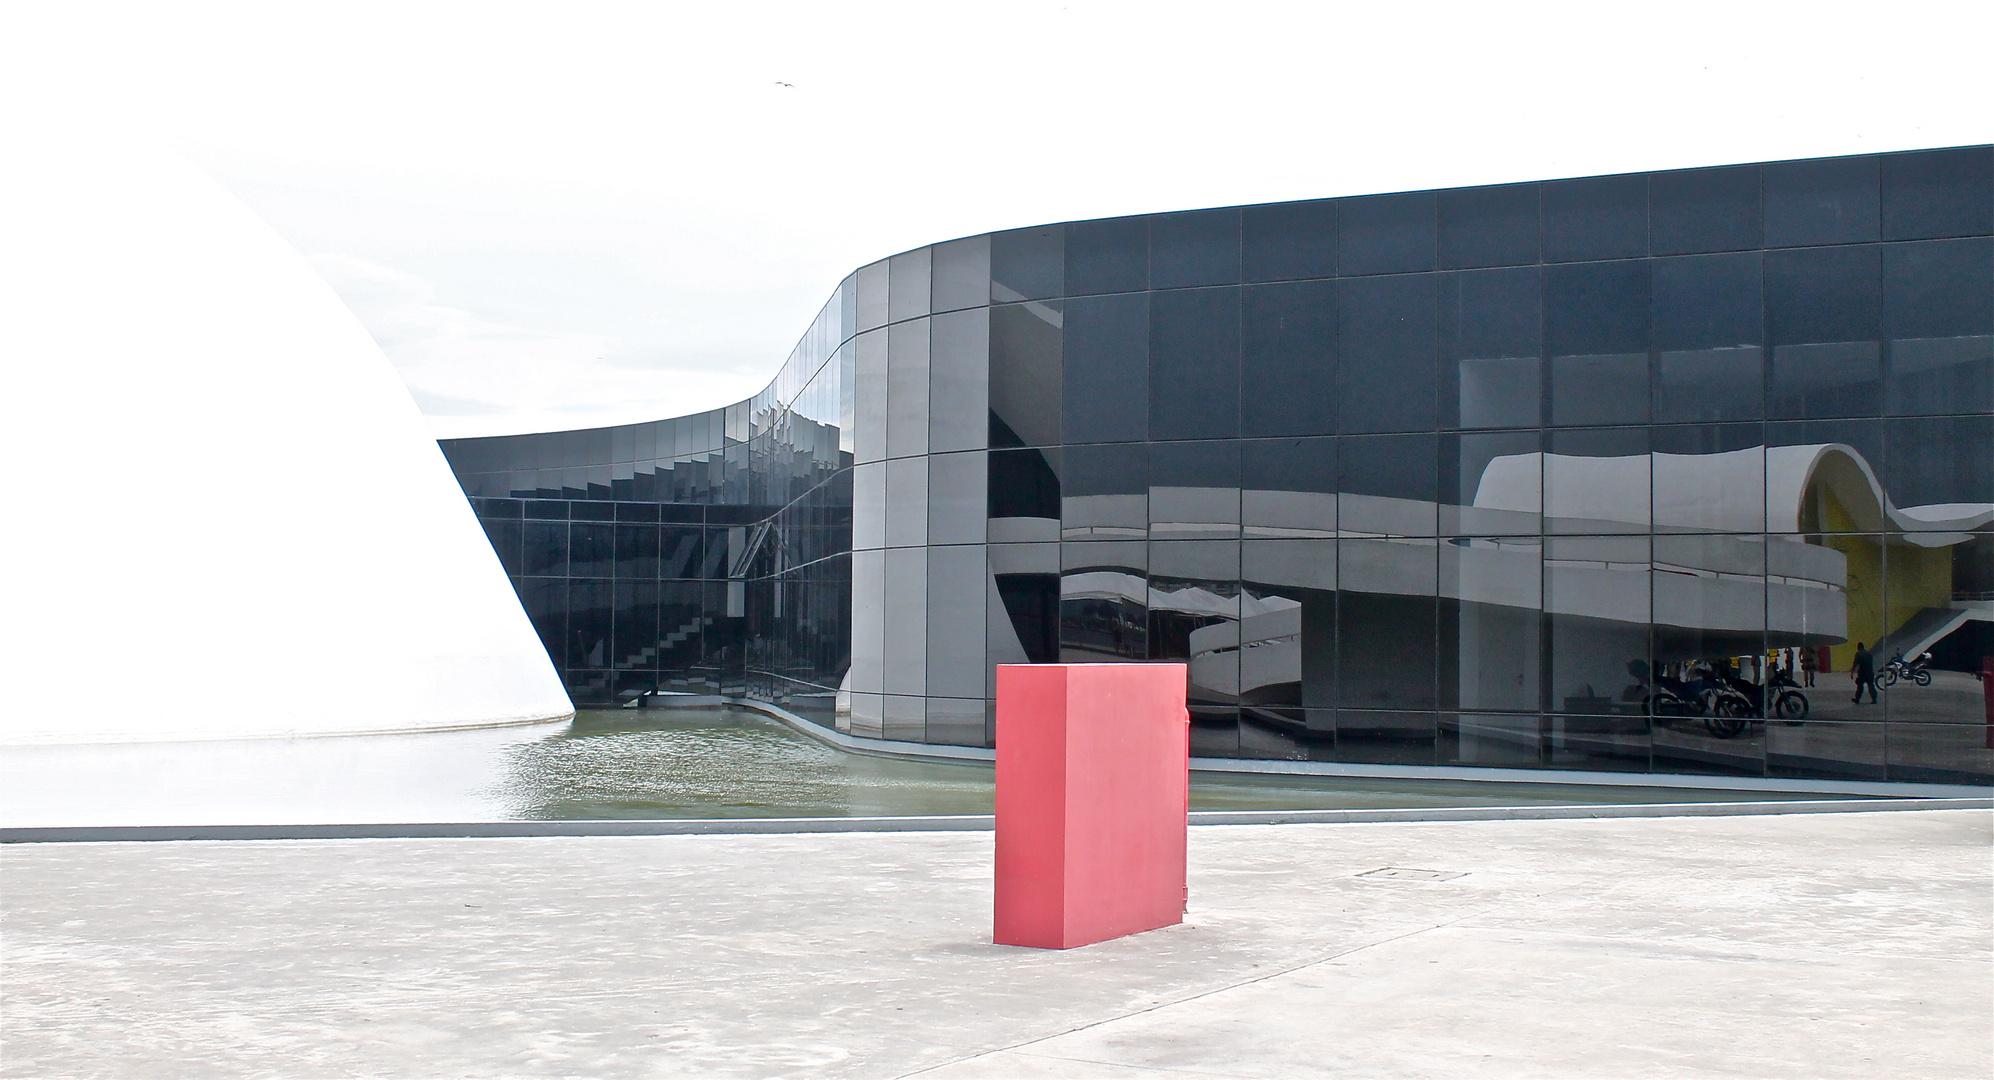 schwarz wei rot foto bild architektur geb ude spiegelung bilder auf fotocommunity. Black Bedroom Furniture Sets. Home Design Ideas